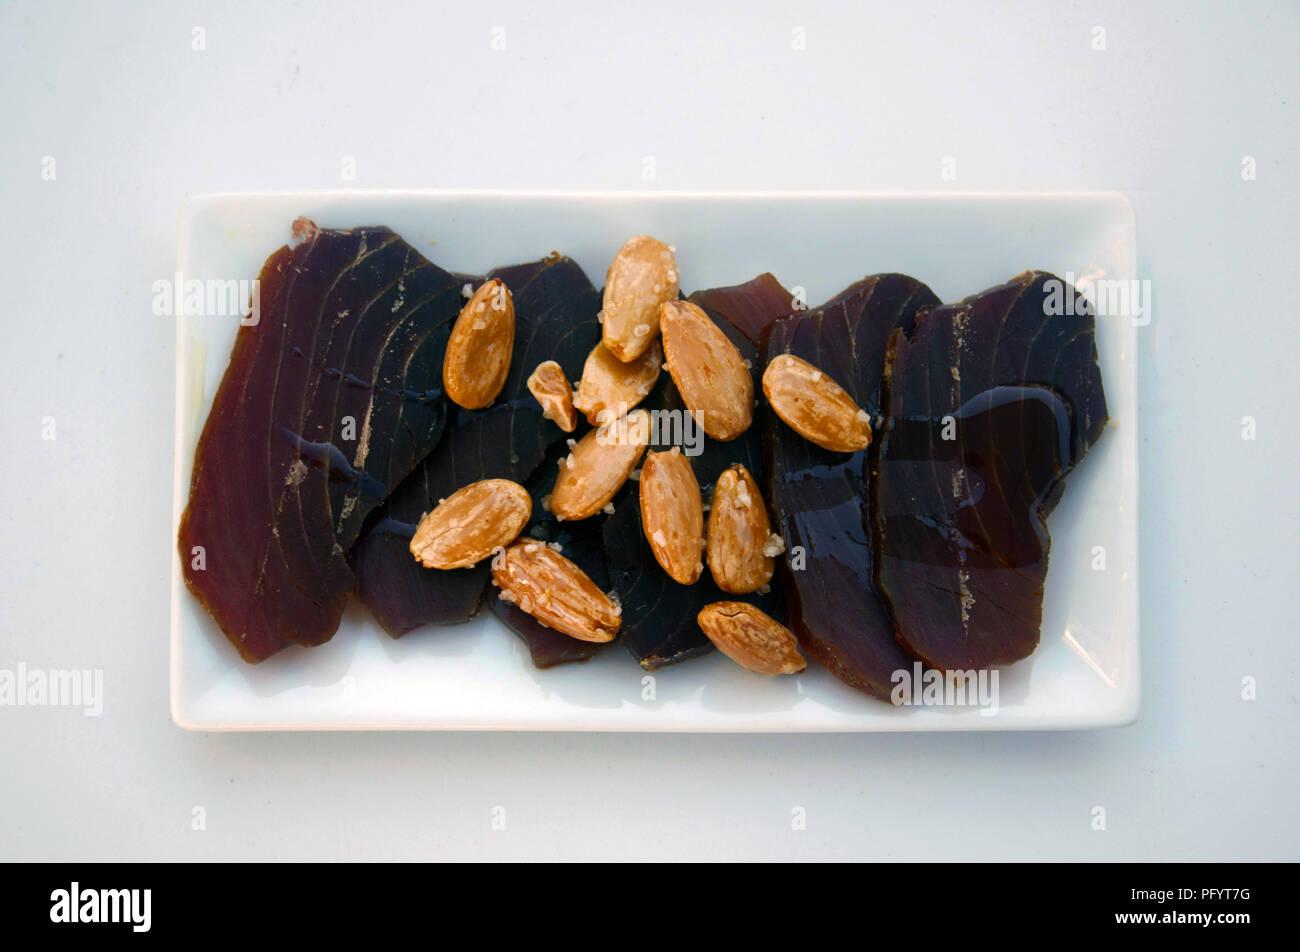 Marrone indurito di tonno, mandorle e olio d'oliva, Spagna Foto Stock